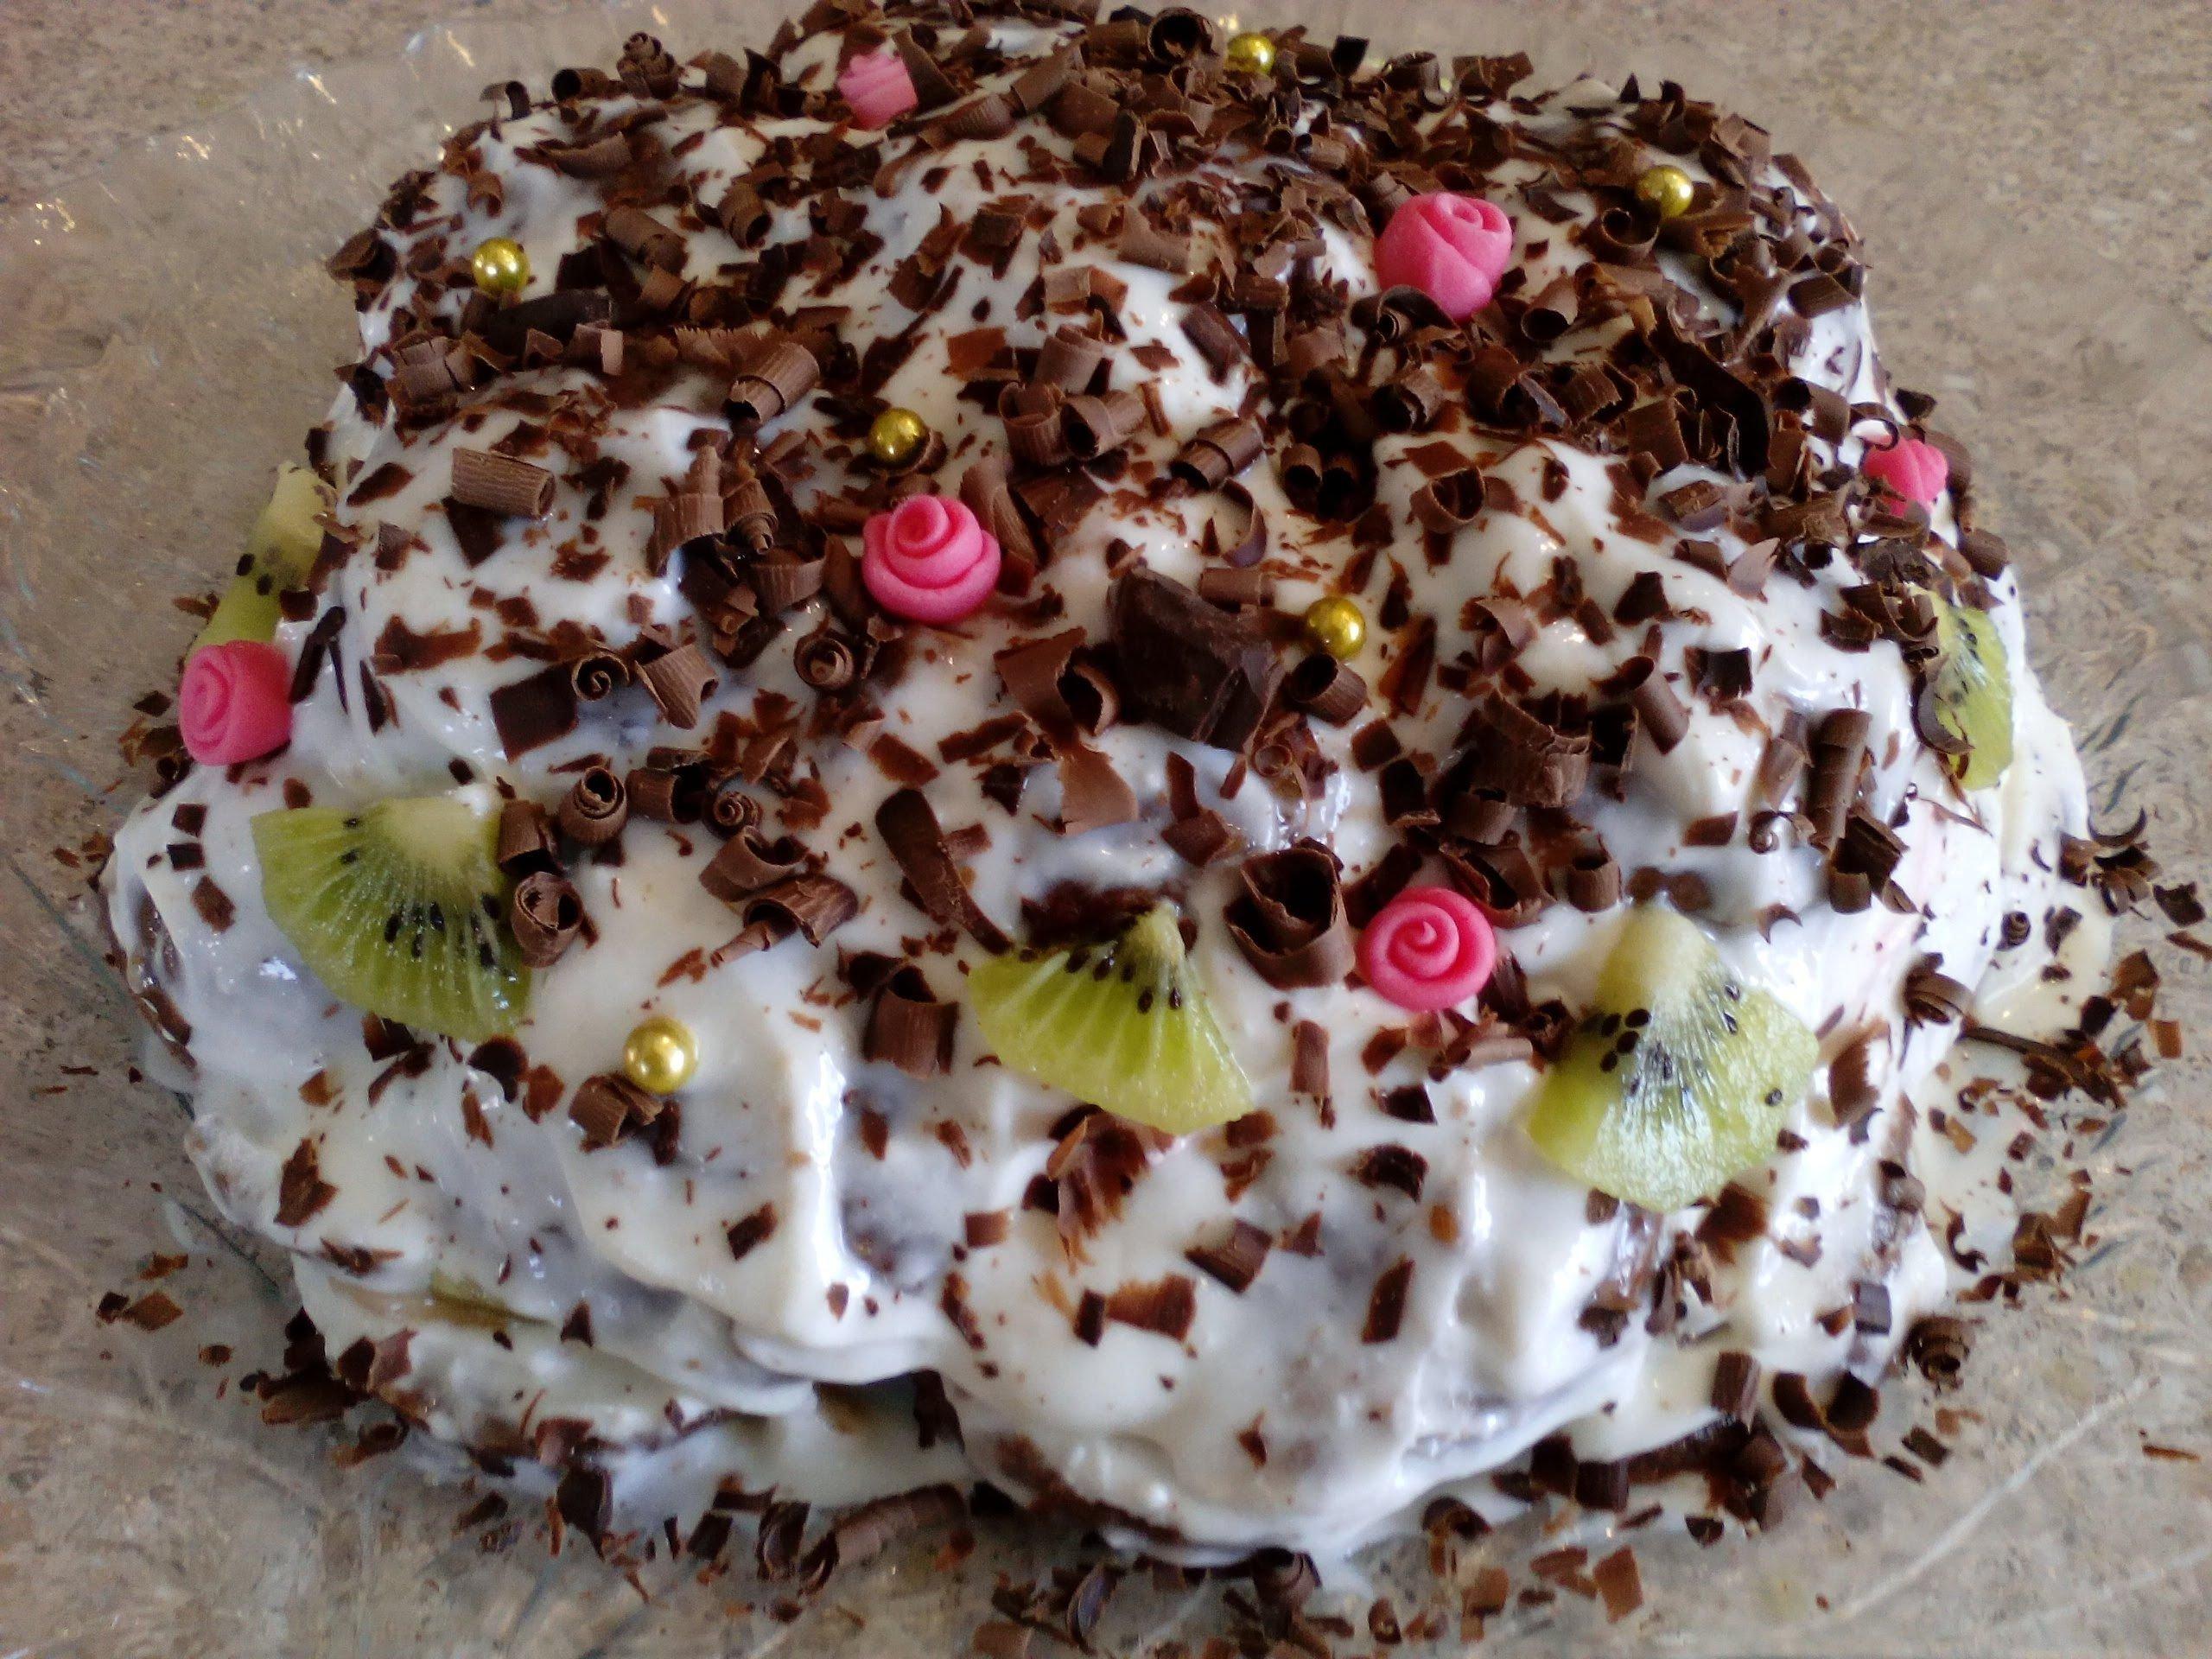 участие торт из пряников и фруктов с фото время установки должны